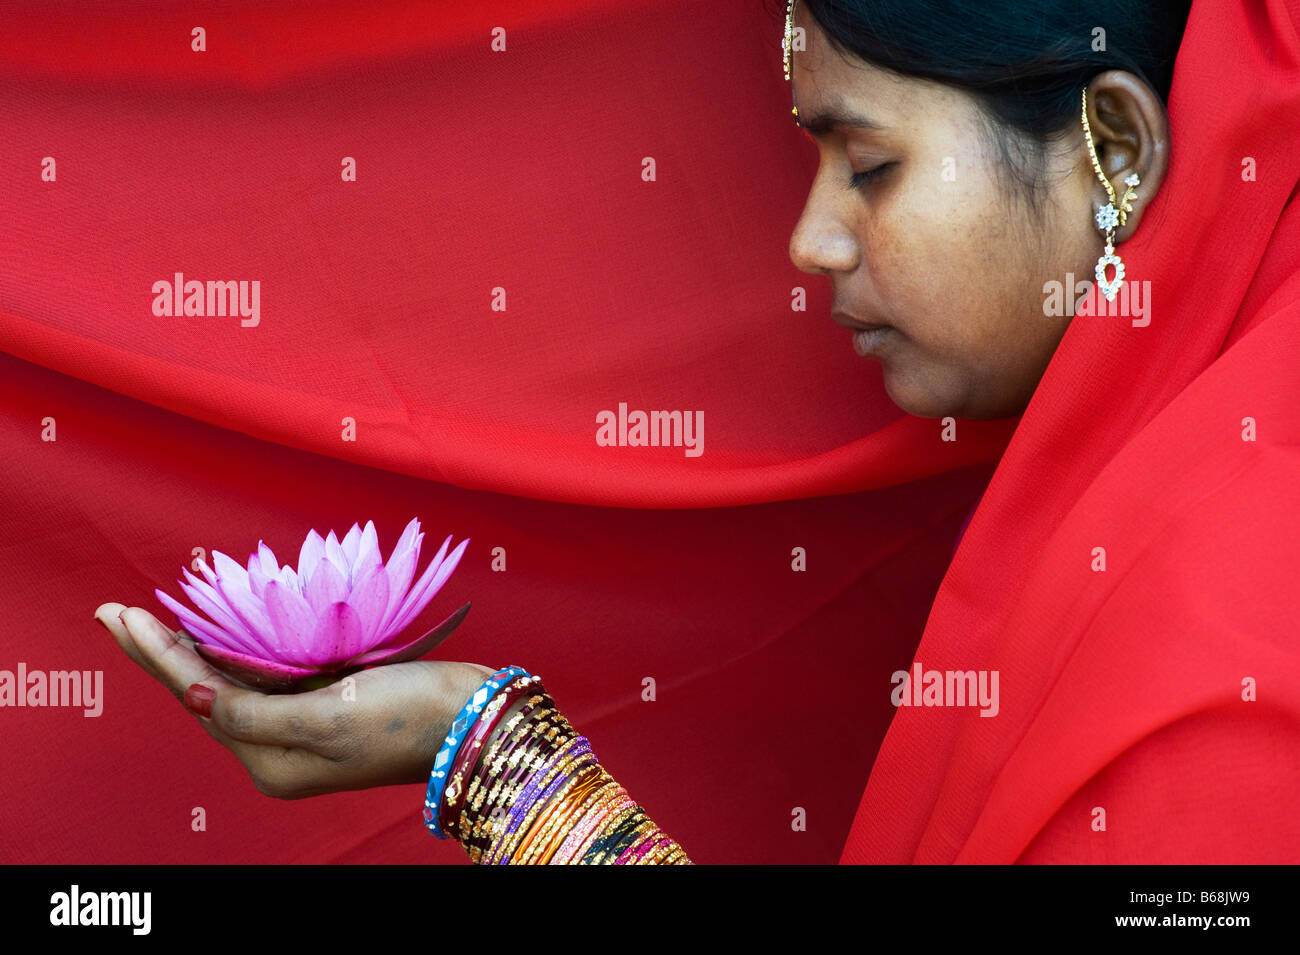 Indische Frau bietet eine Nymphaea tropische Seerose Blume in einem roten sariStockfoto